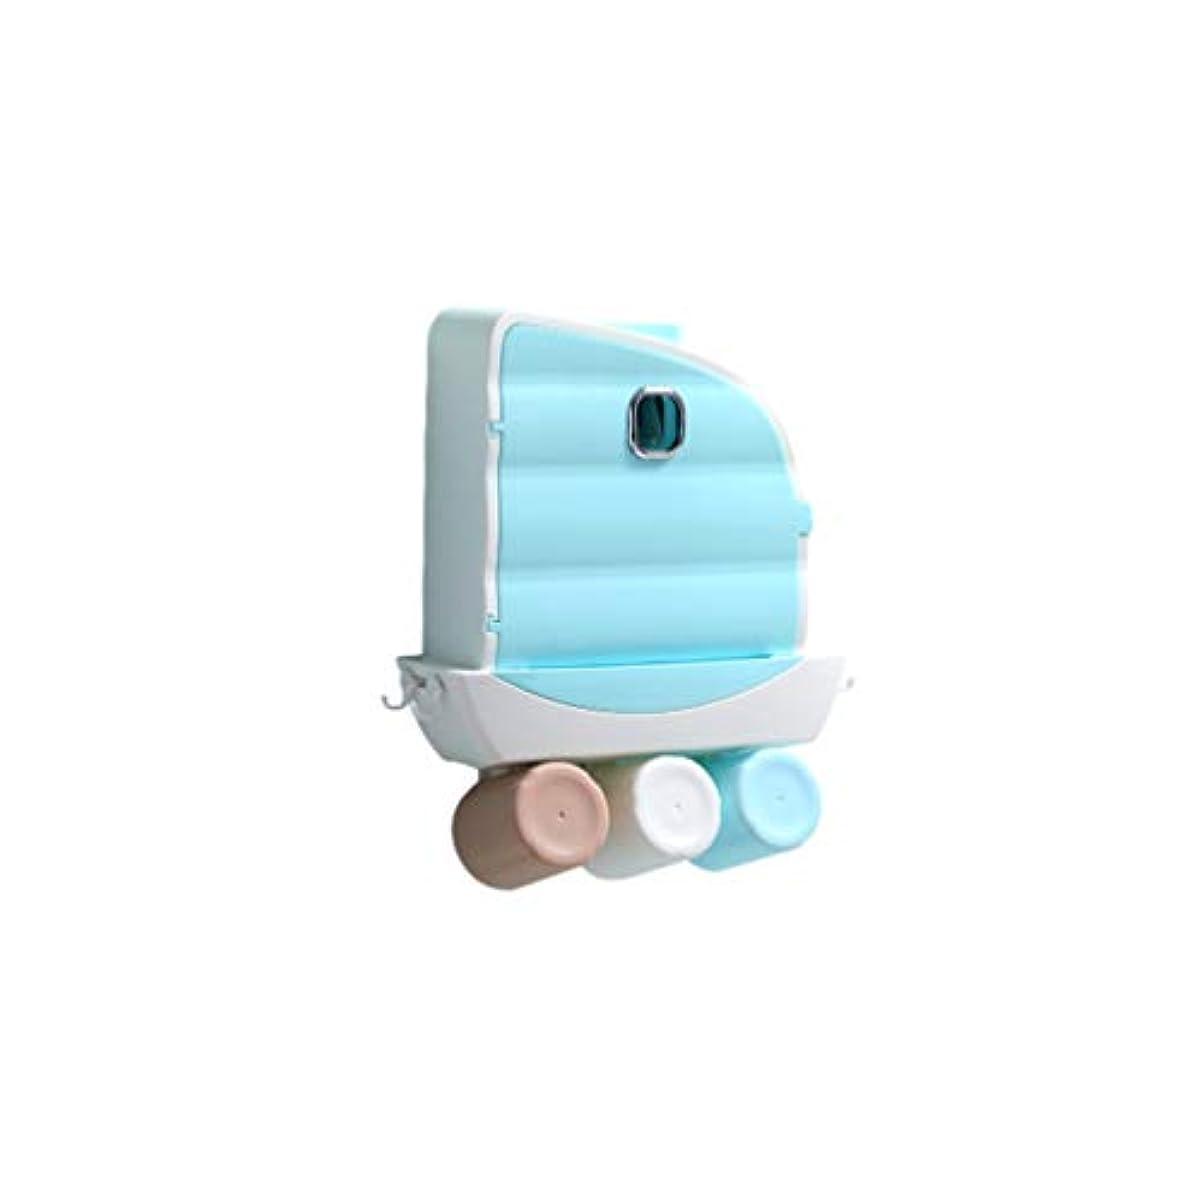 ペストマラウイ在庫SUPVOX タオルフック付き壁掛け歯ブラシホルダー歯磨き粉スクイーザー